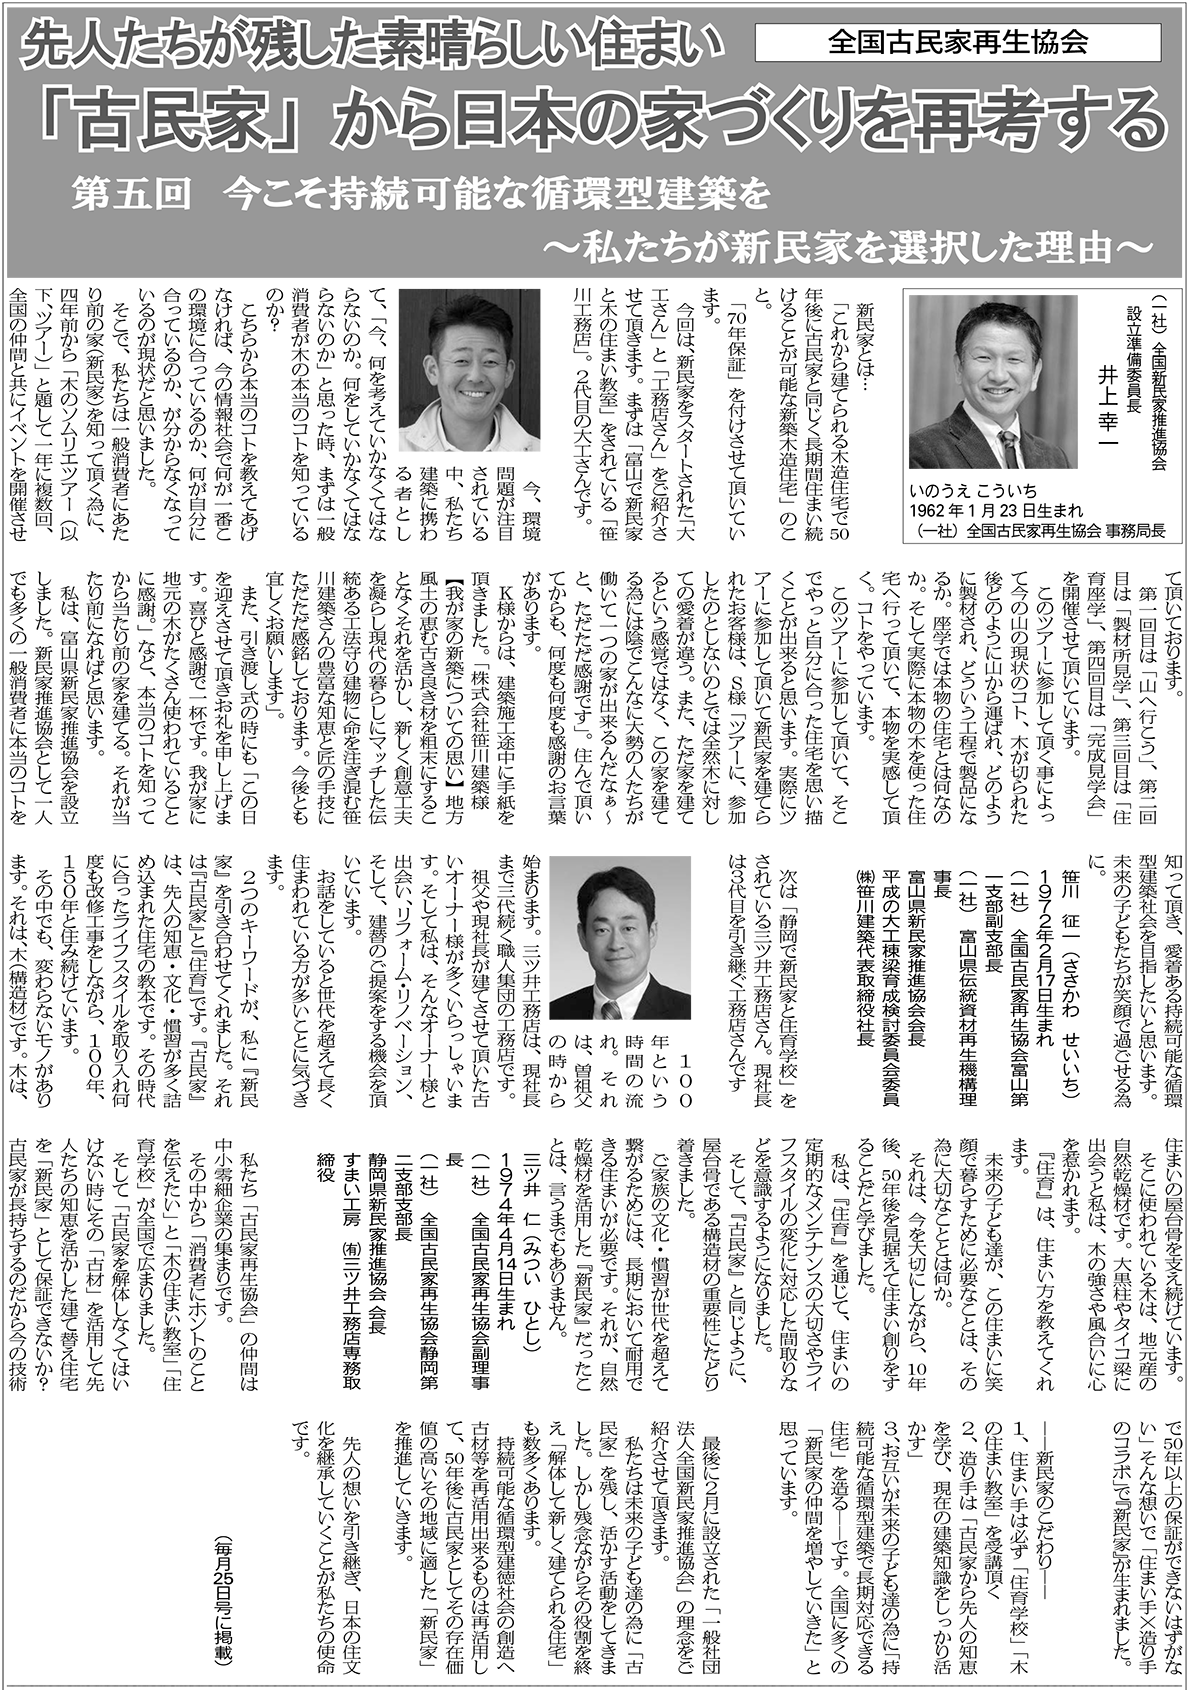 日本住宅新聞連載第5